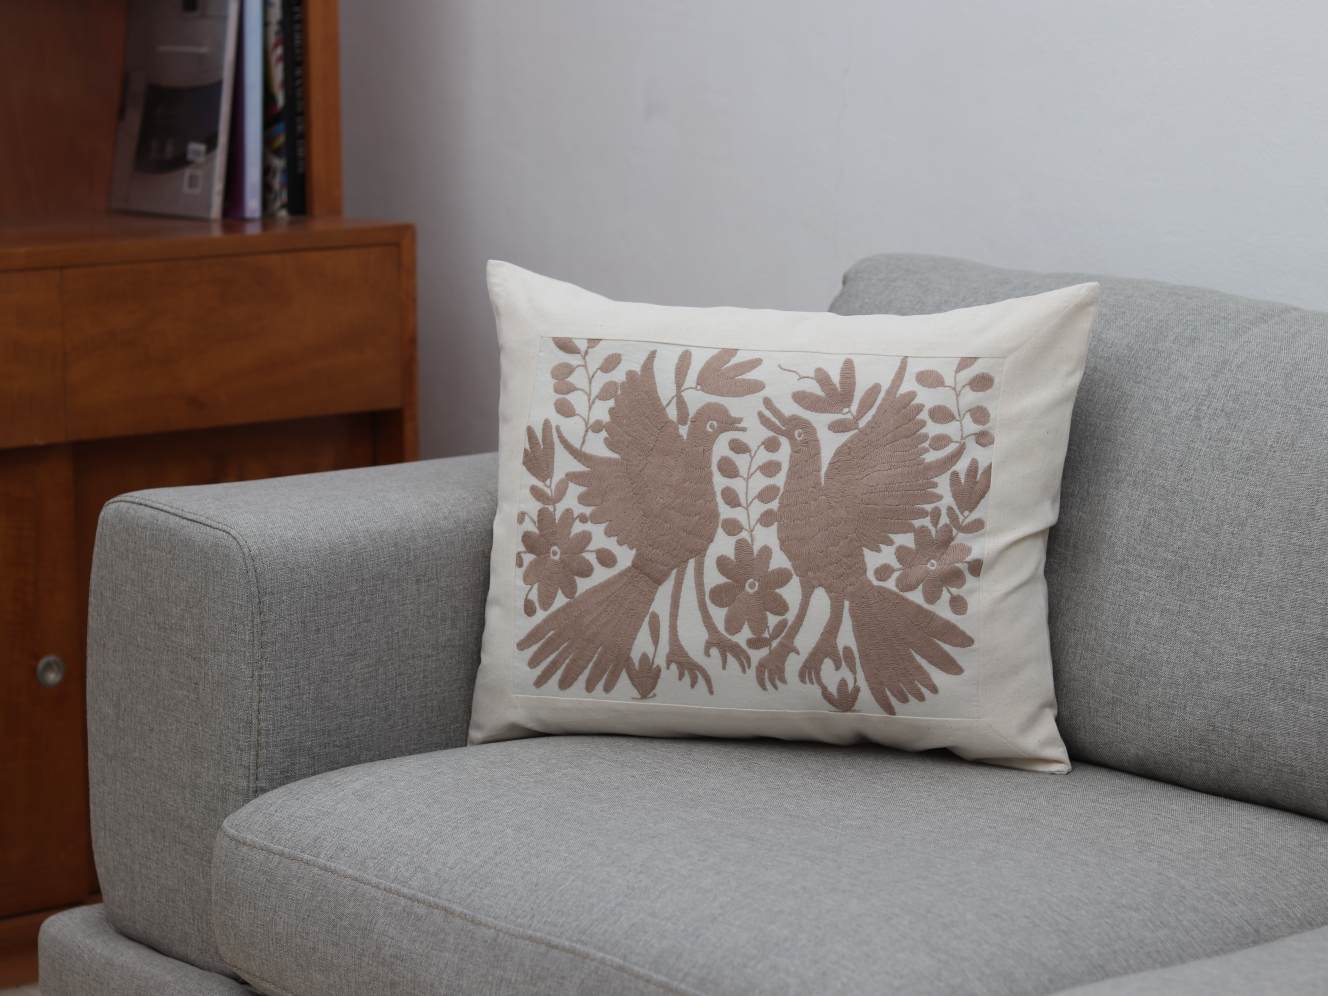 Funda de cojín colocada sobre un sillón, bordada a mano, rectangular.